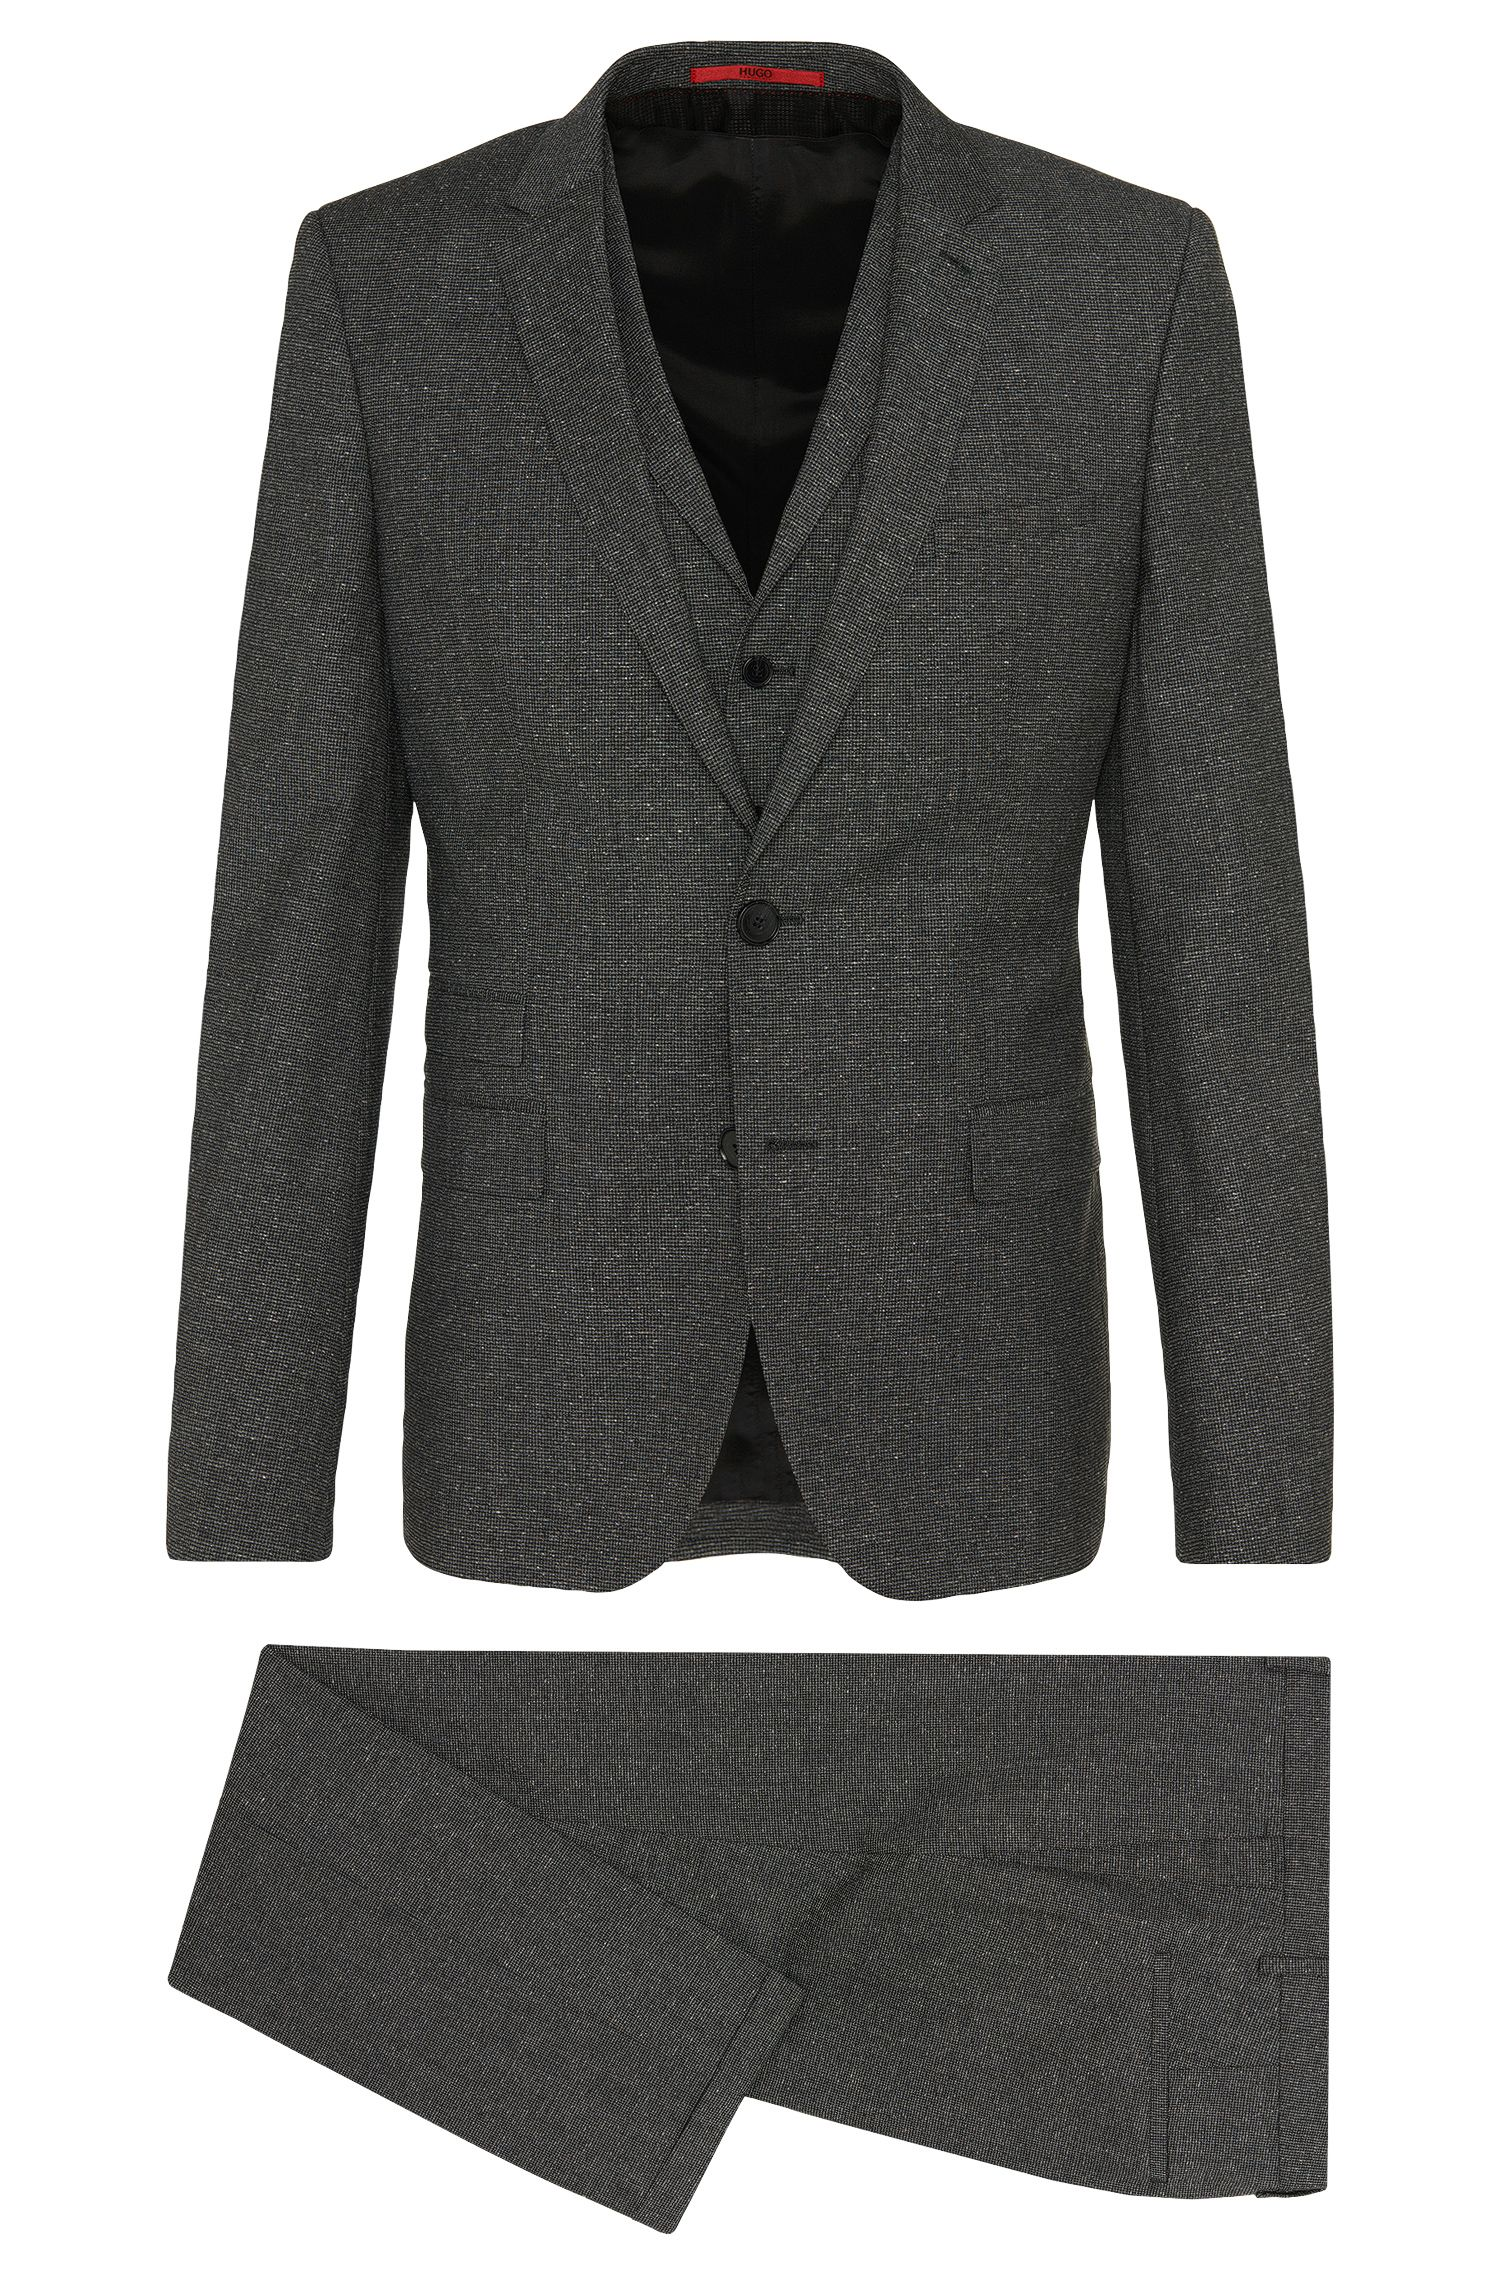 'Alid/Wyll/Hilor' | Slim Fit, Virgin Wool Silk 3-Piece Suit